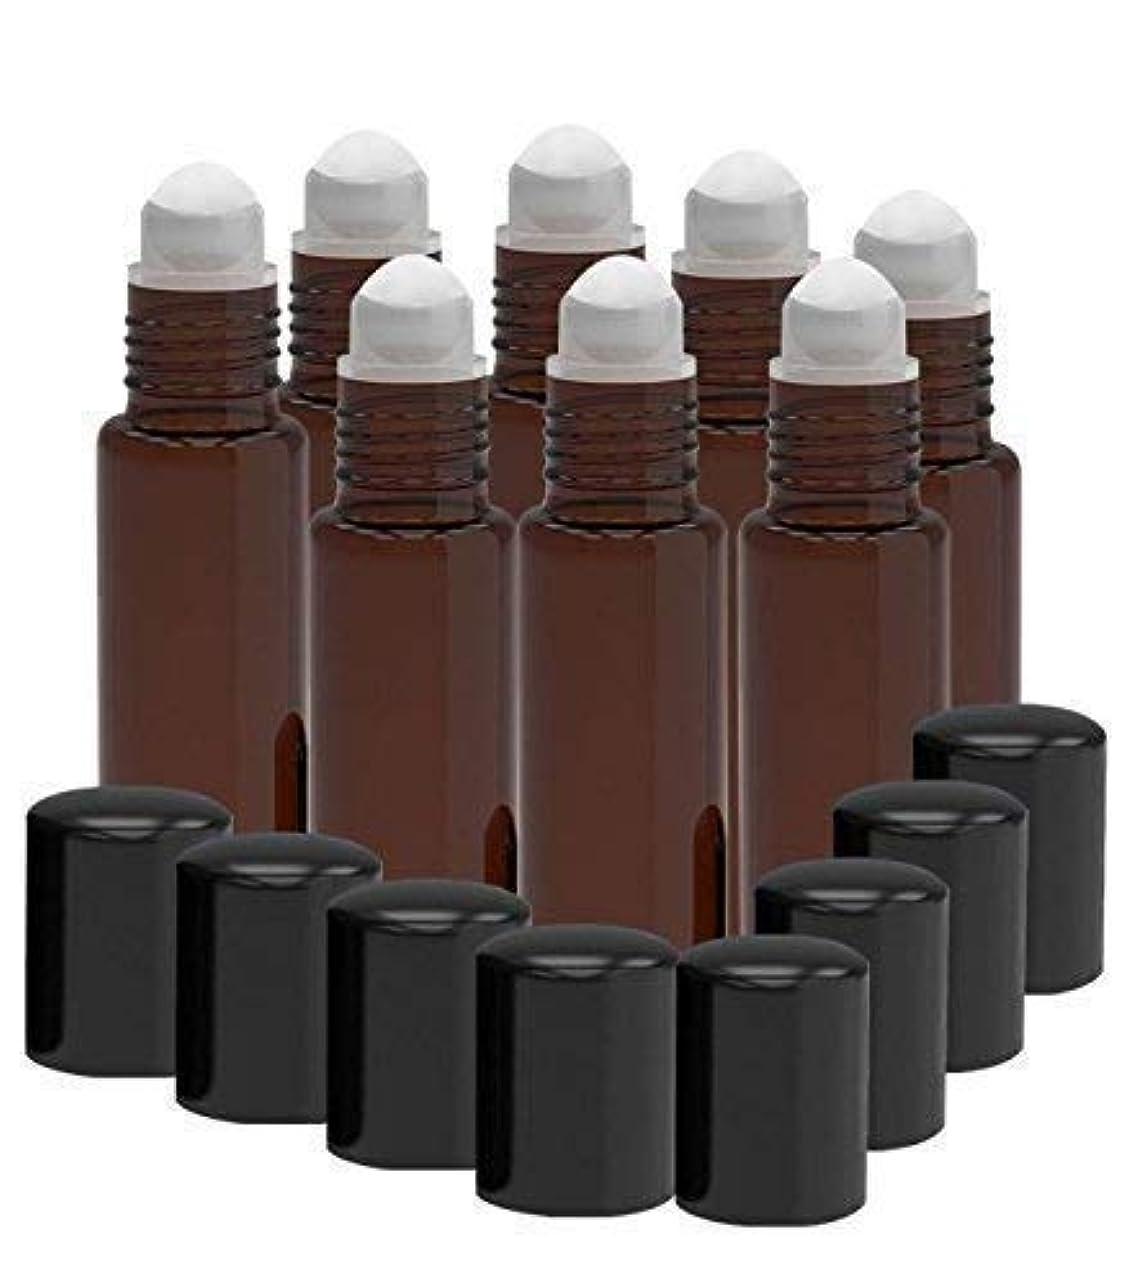 切り離す不公平盟主8 Pack - Essential Oil Roller Bottles [PLASTIC ROLLER] 10ml Refillable Glass Color Roll On for Fragrance Essential...